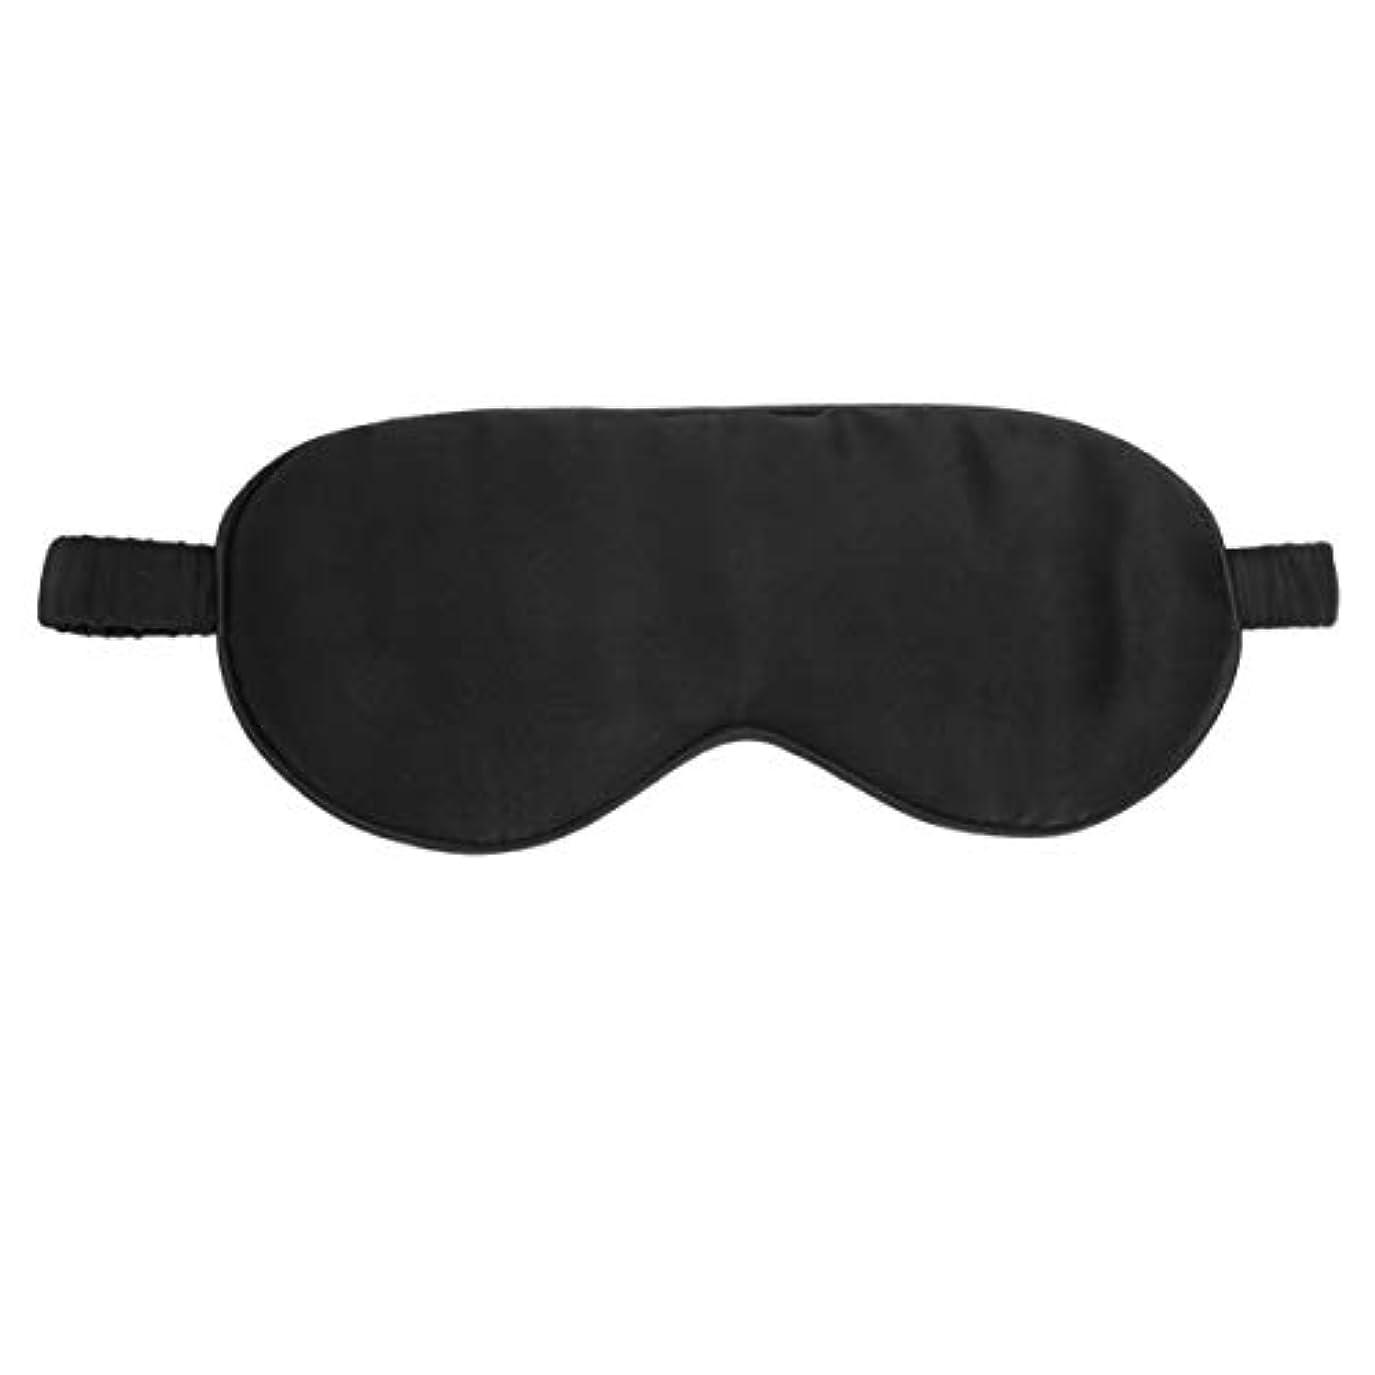 険しい雨ロッドHealifty アイマスク調節可能な睡眠マスクアイカバー(黒)